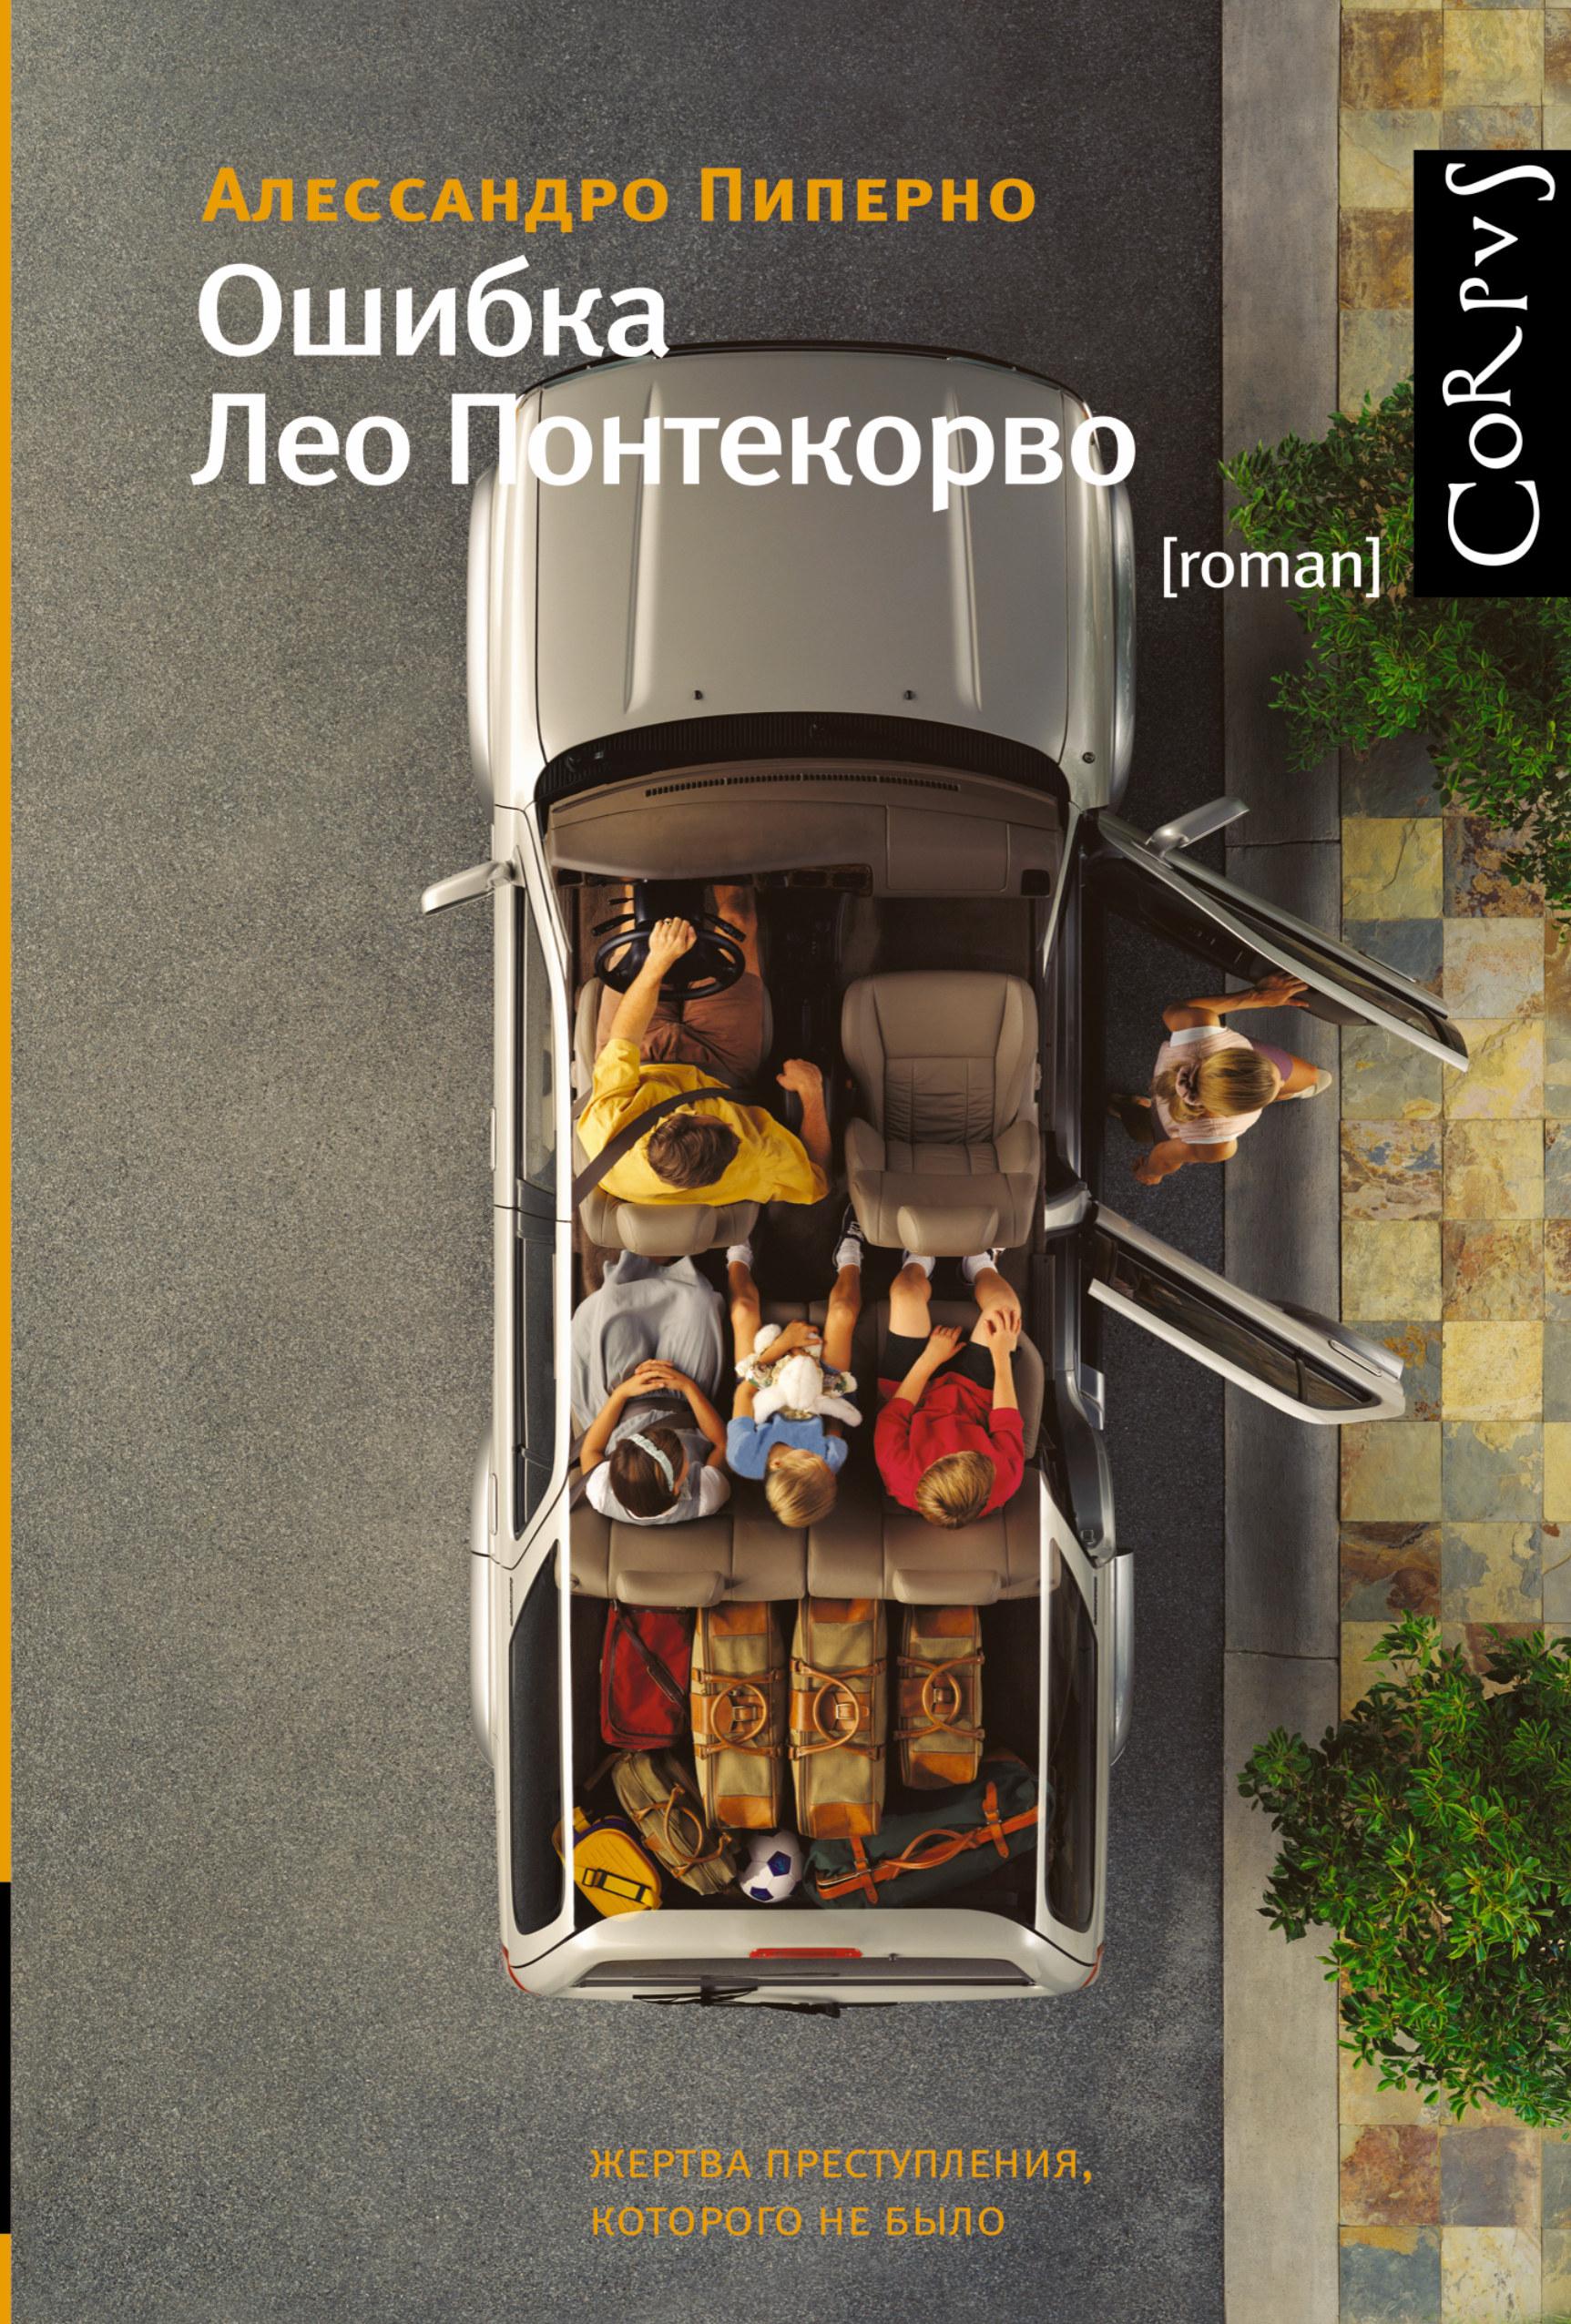 Пиперно А. Ошибка Лео Понтекорво словени горнолыжные курорты куплю путевку не дорого